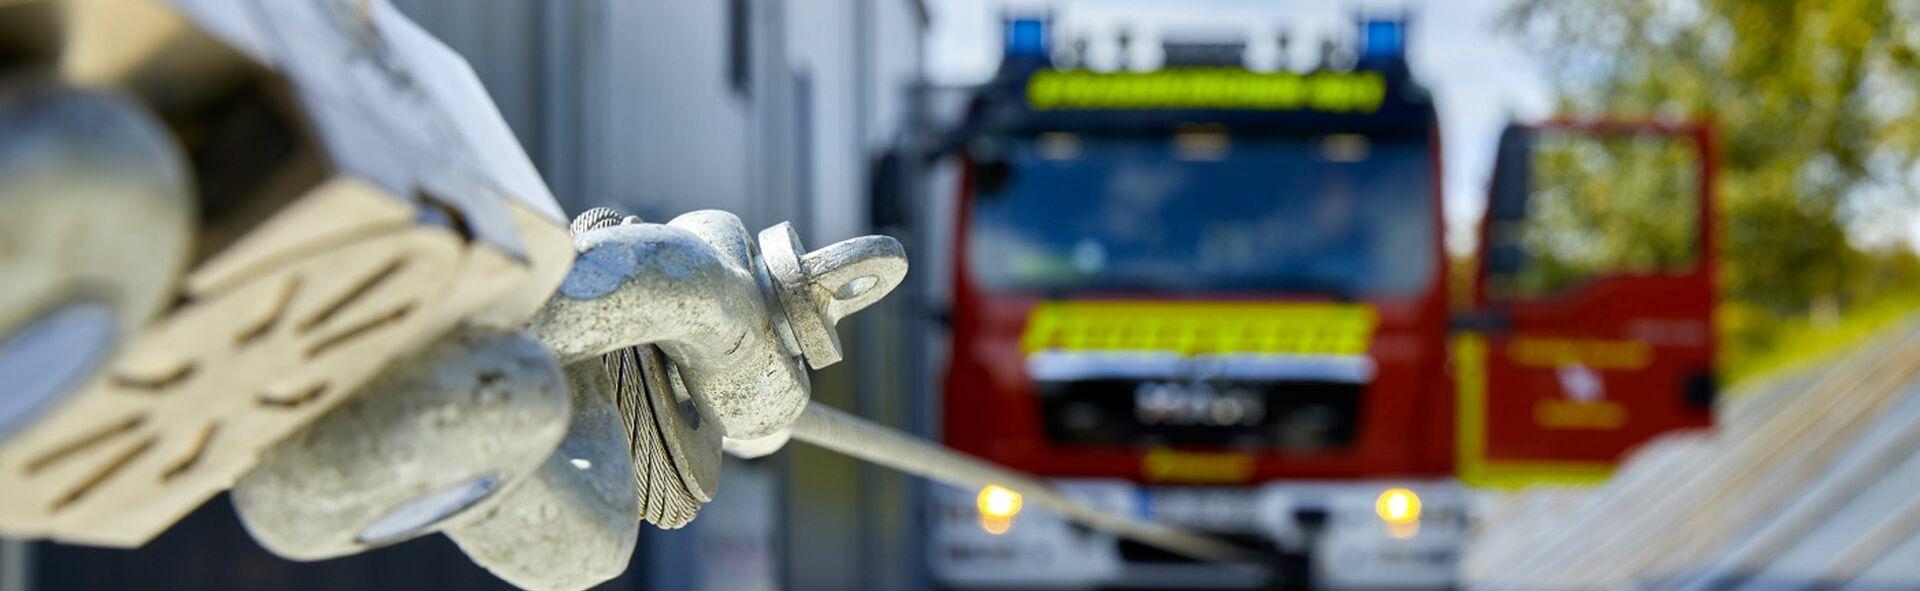 Willkommen bei der Sturm Feuerschutz GmbH